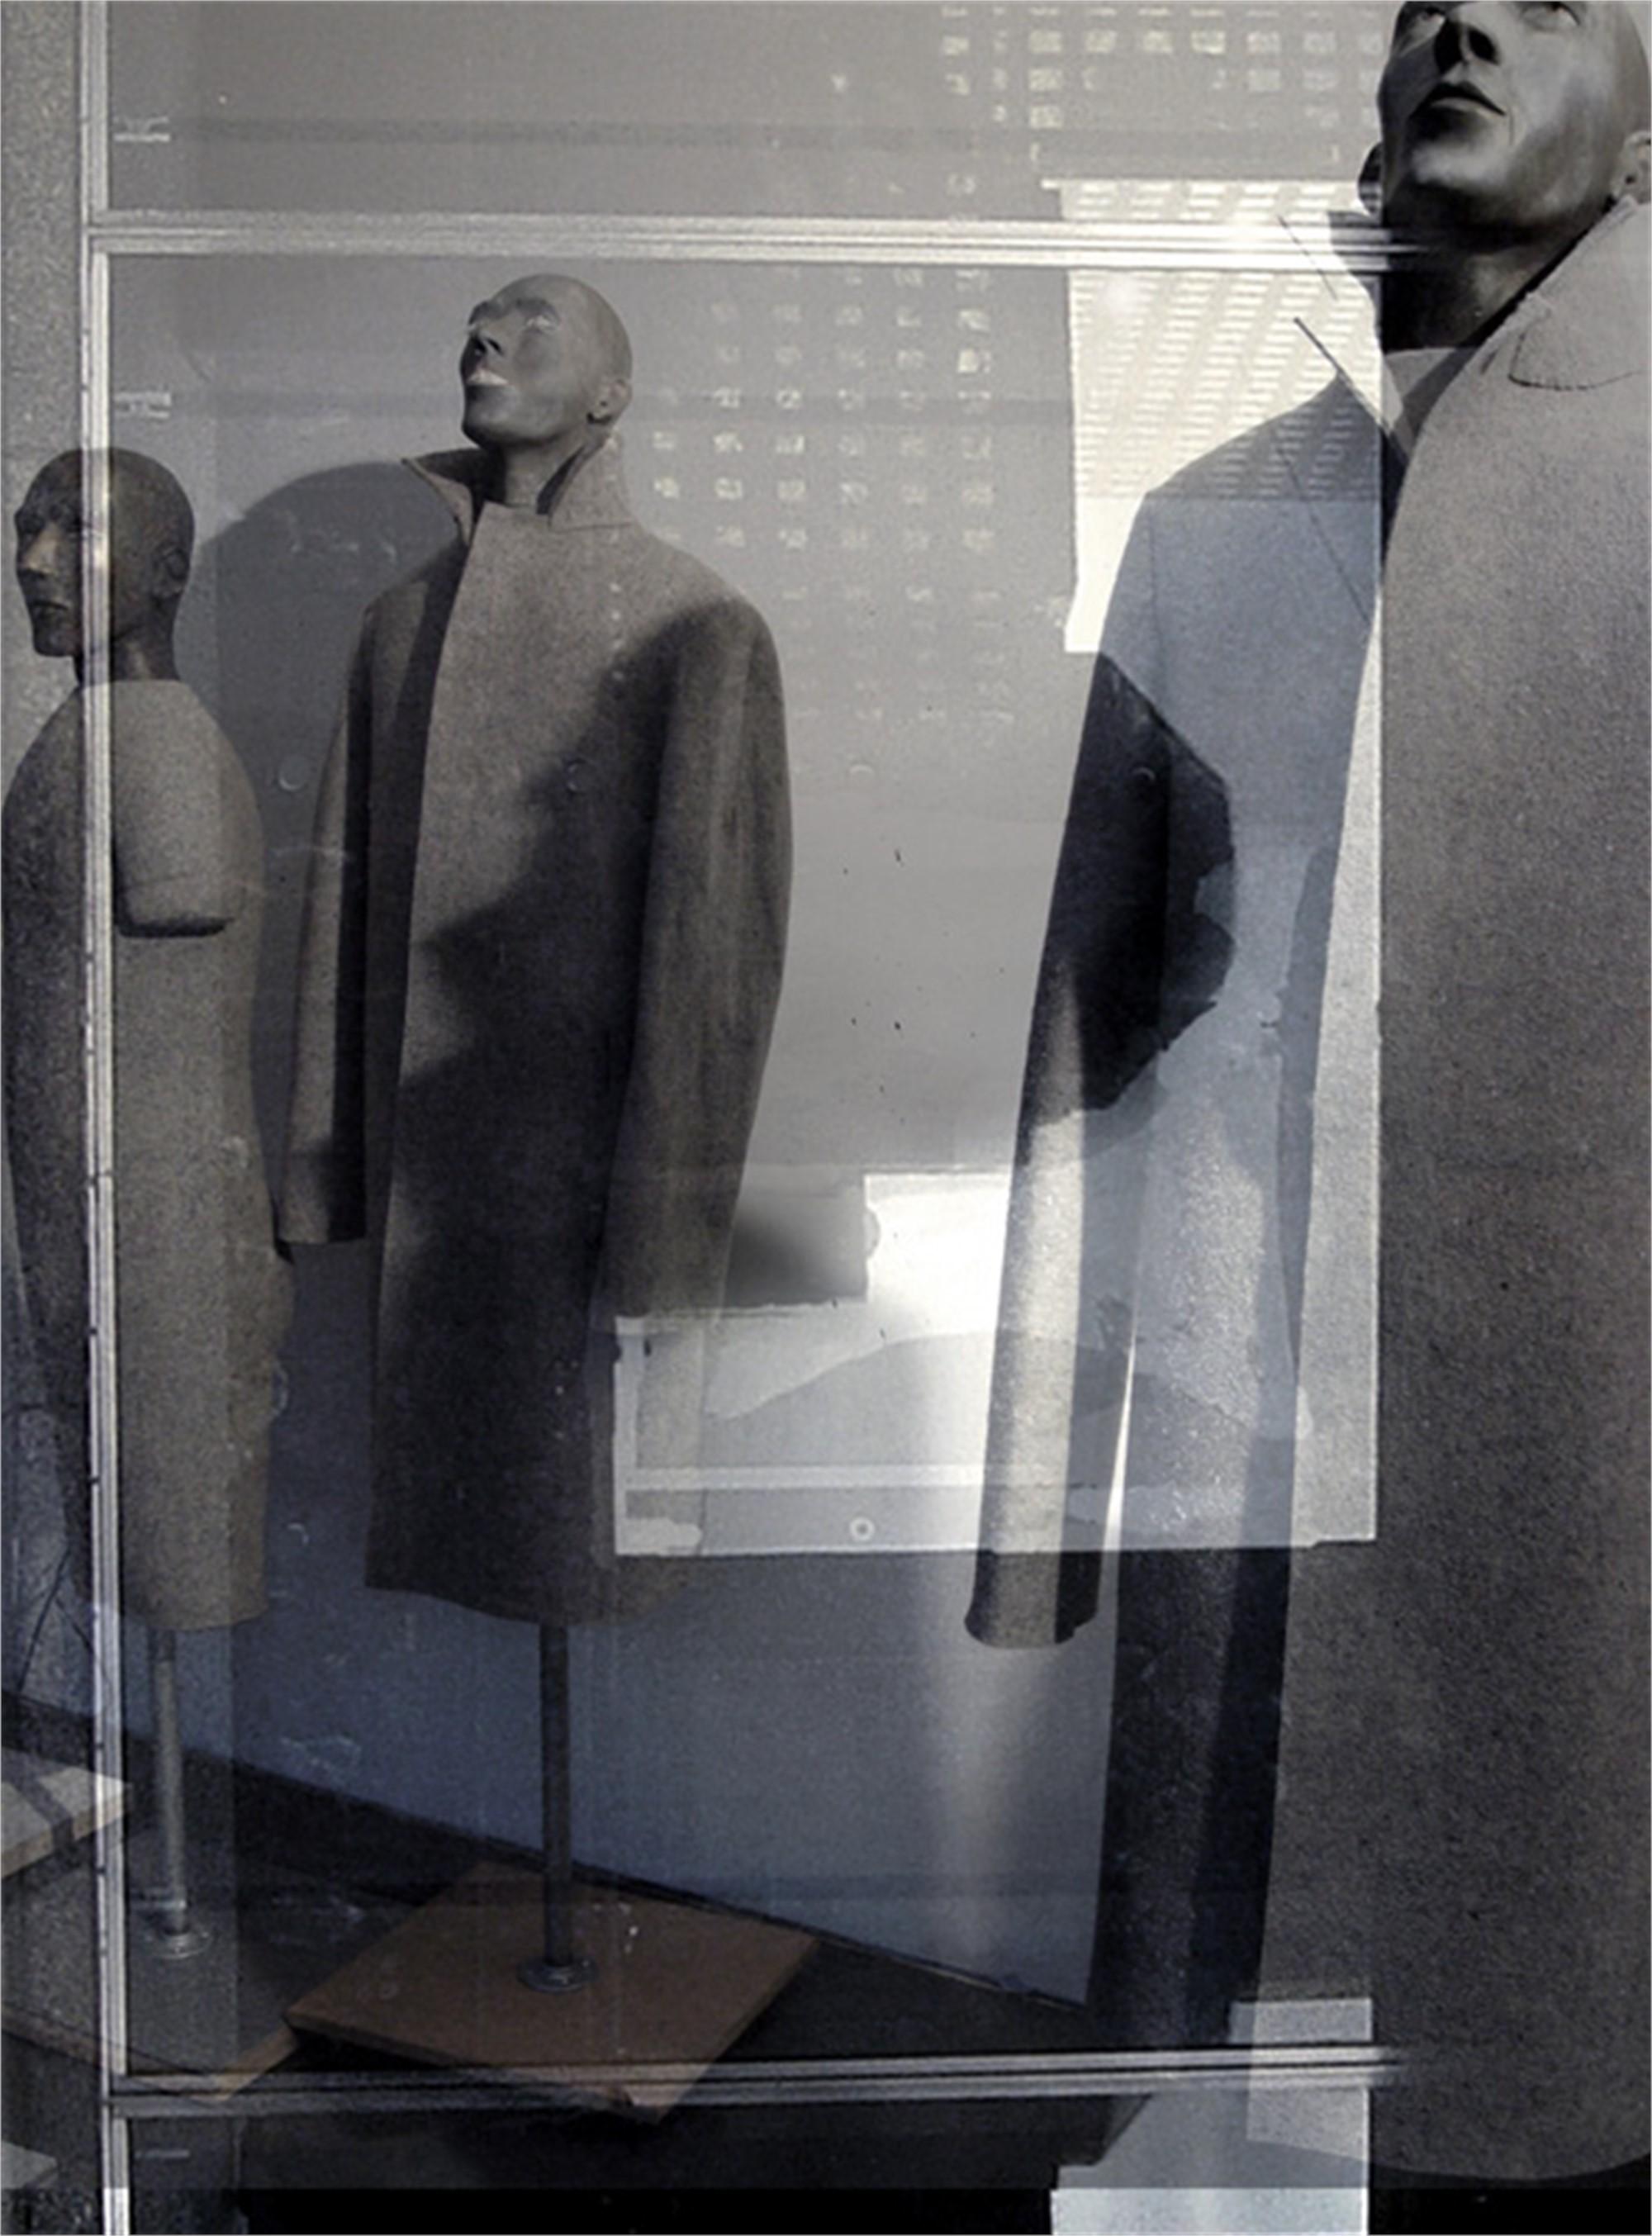 Abu Coats by Judith Shea